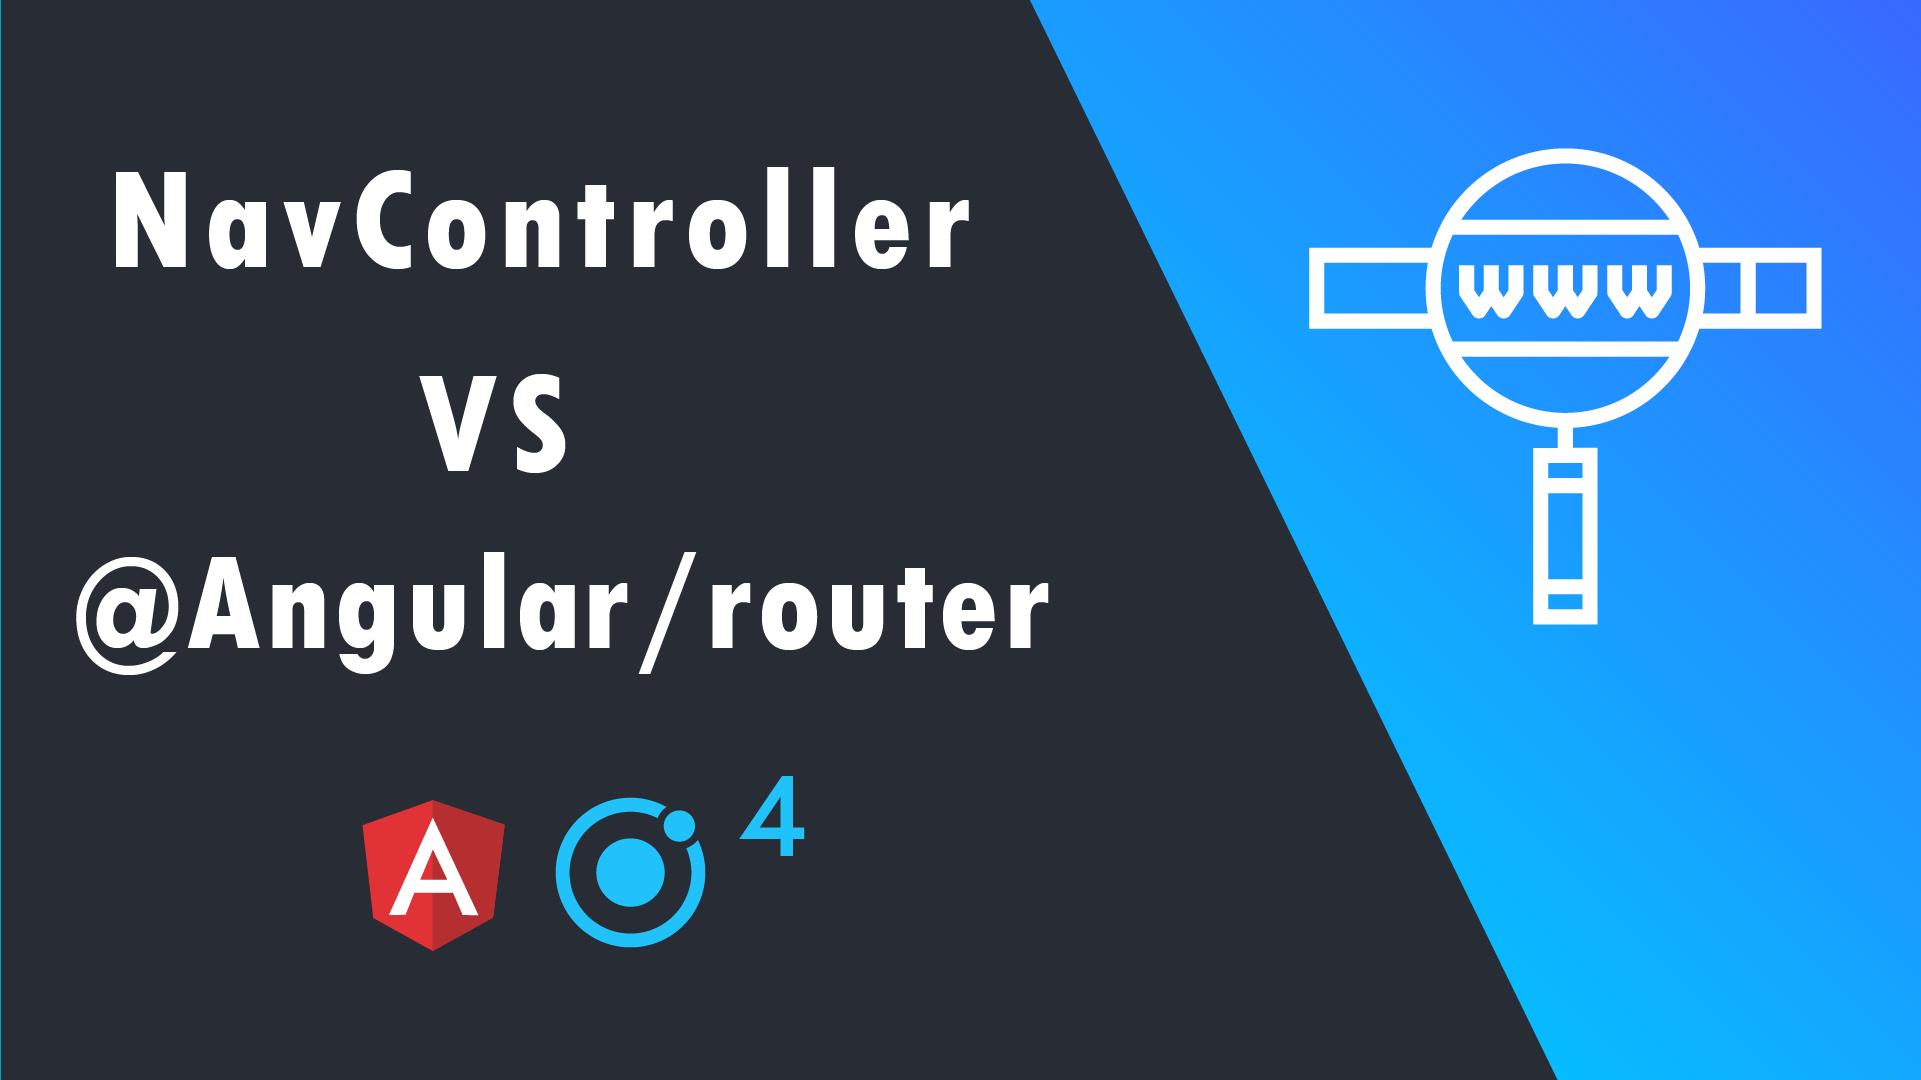 Навигация в кроссплатформенных приложениях: почему NavController победил angular/router в Ionic 4